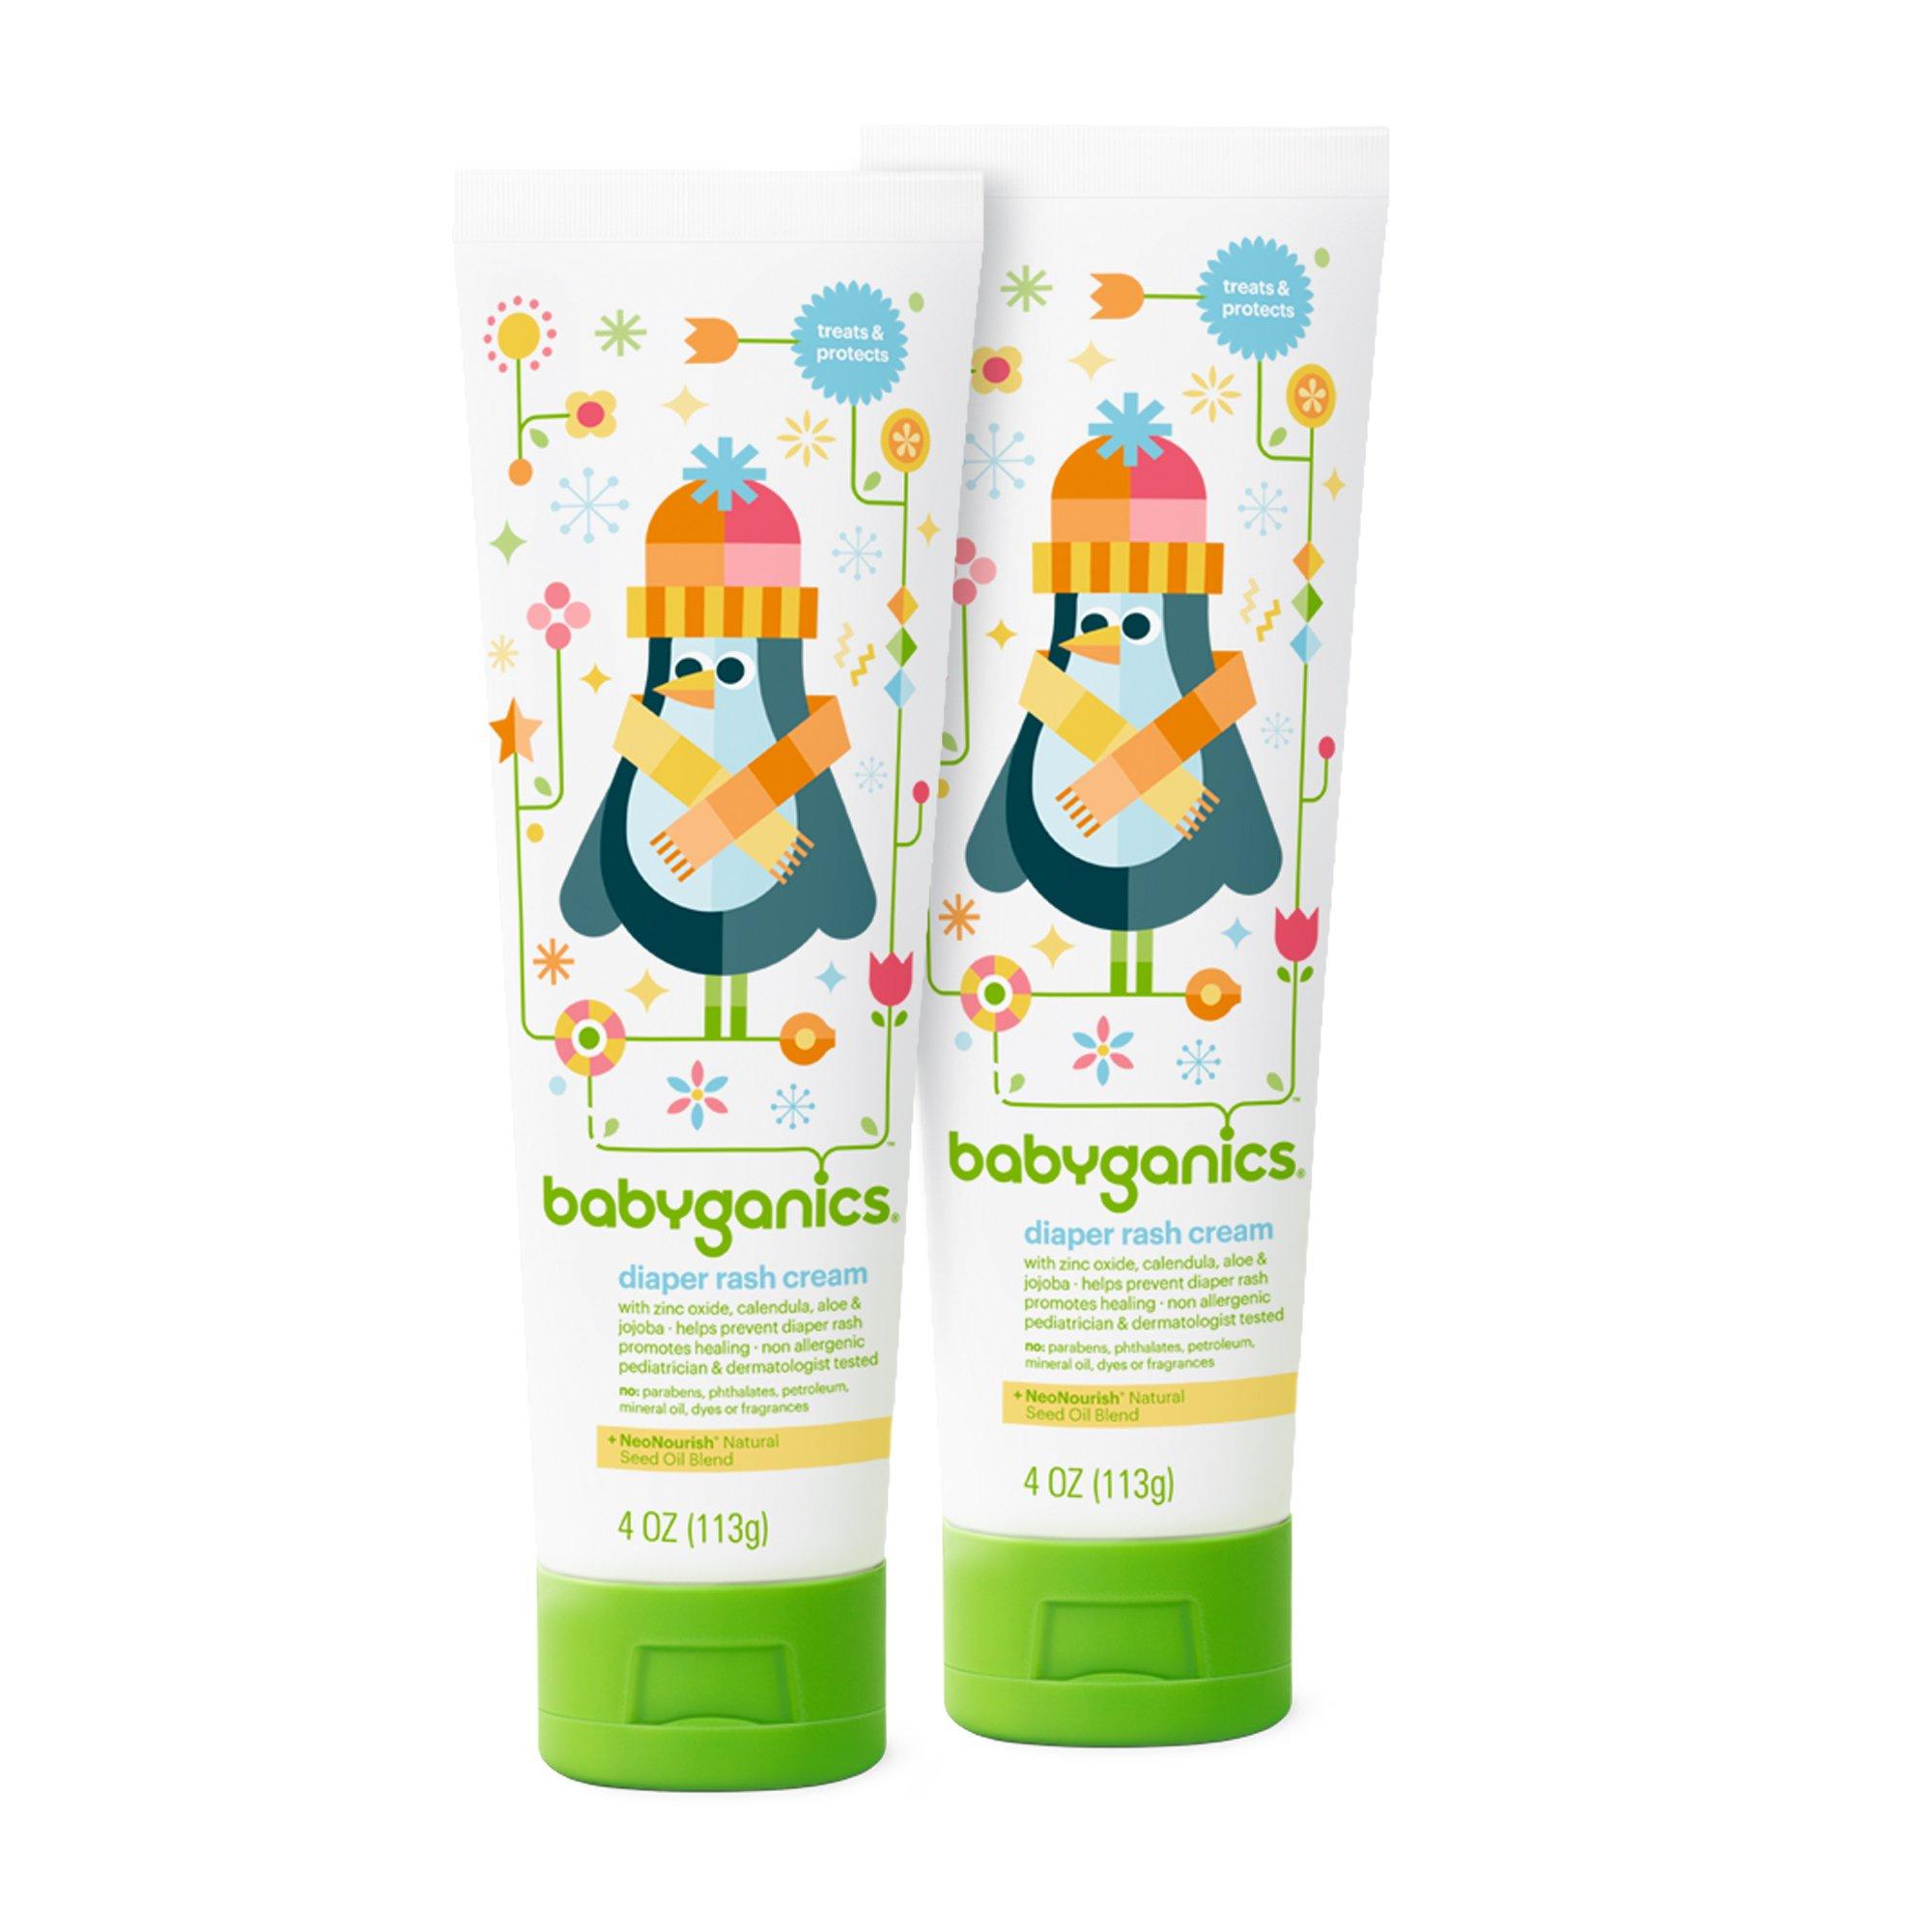 Babyganics Diaper Rash Cream, 4oz Tube (Pack of 2) by Babyganics